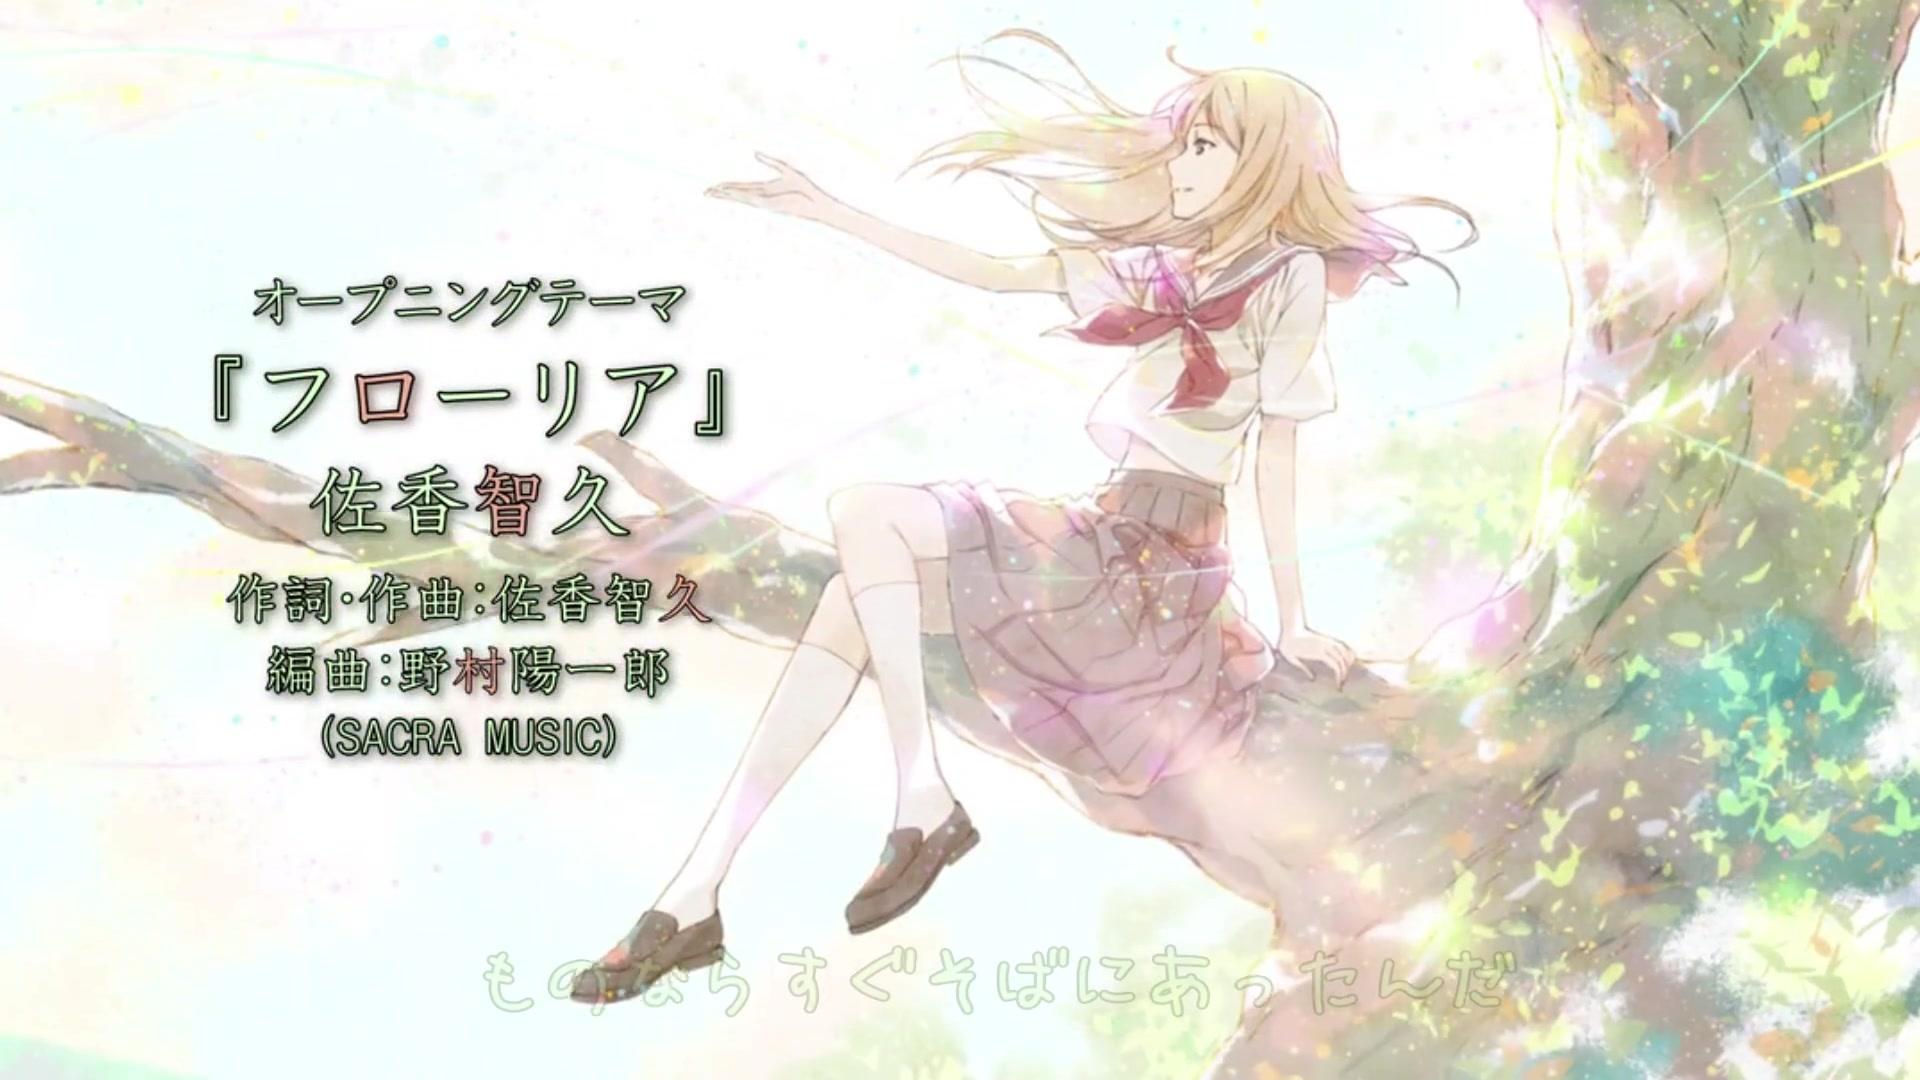 夏目��.��n$9�-yol_【喵凛nyarin】floria(夏目友人帐第六季op)